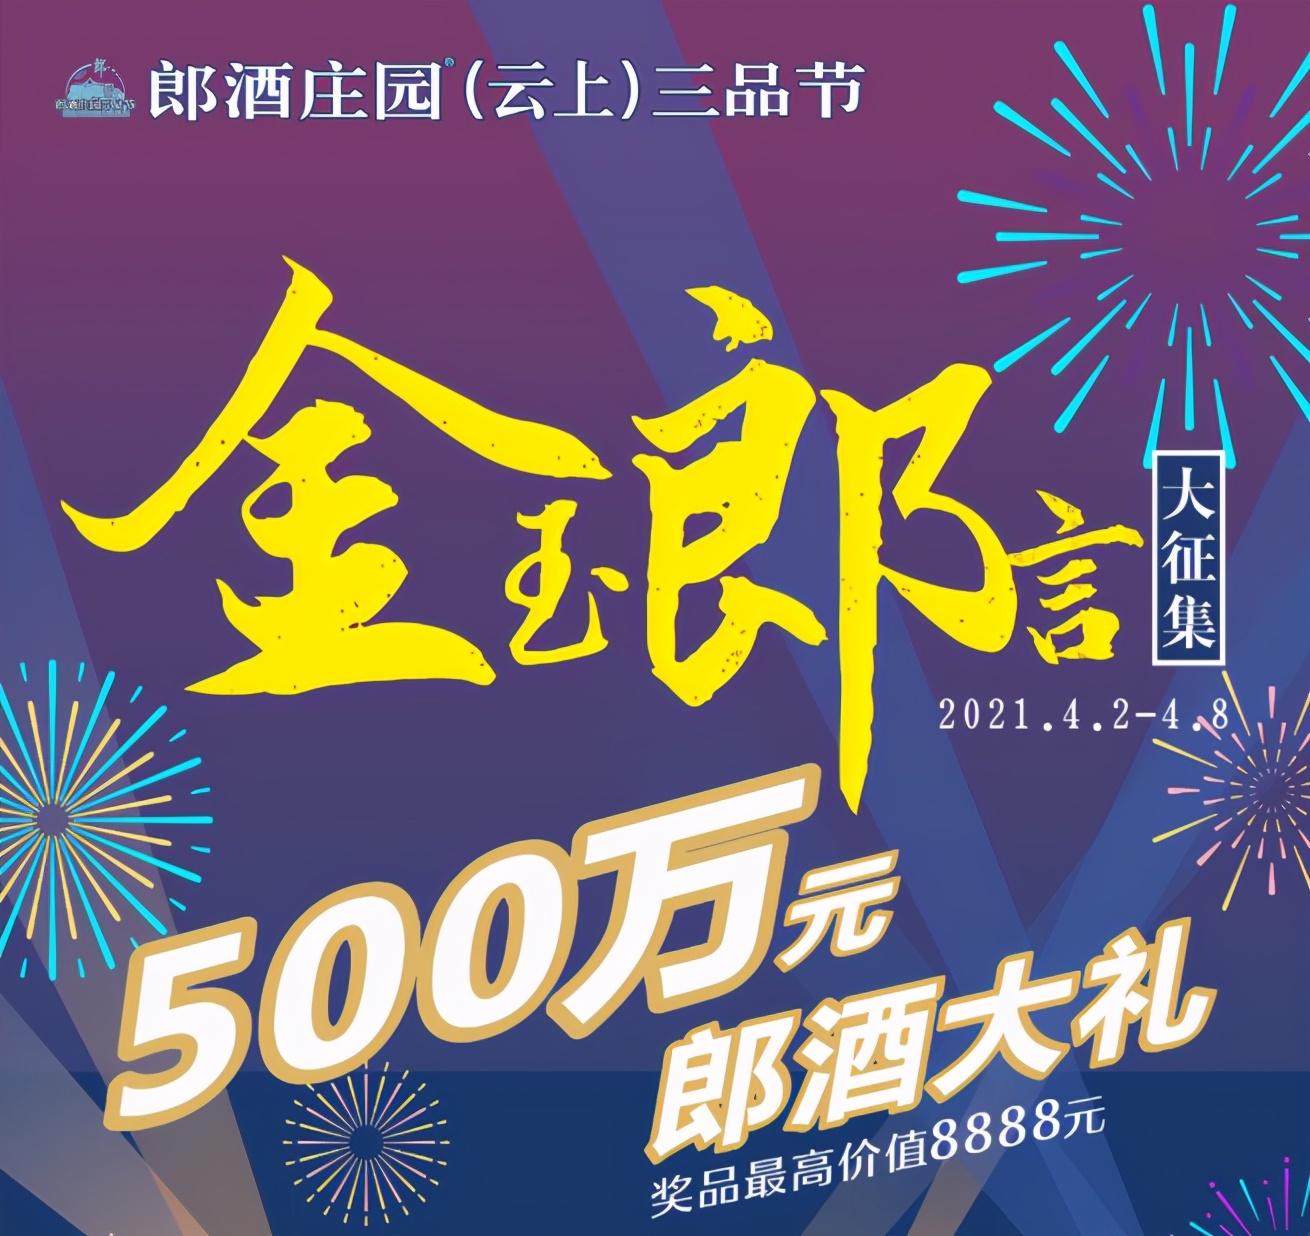 郎酒放大招500万征集「金玉郎言」云上郎酒三品节启动